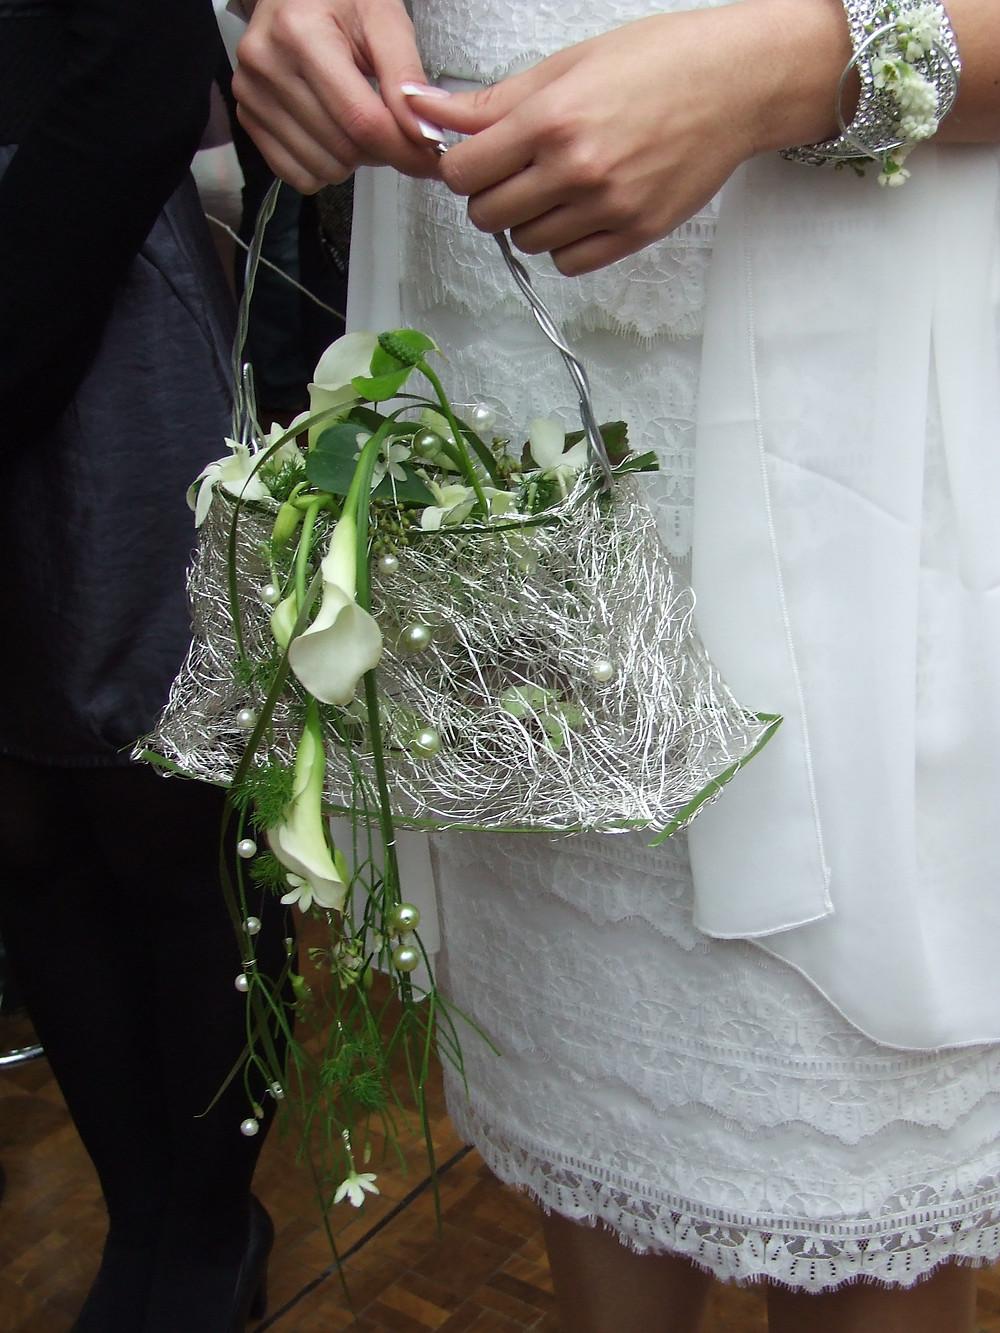 Floral handbag with calla lilies